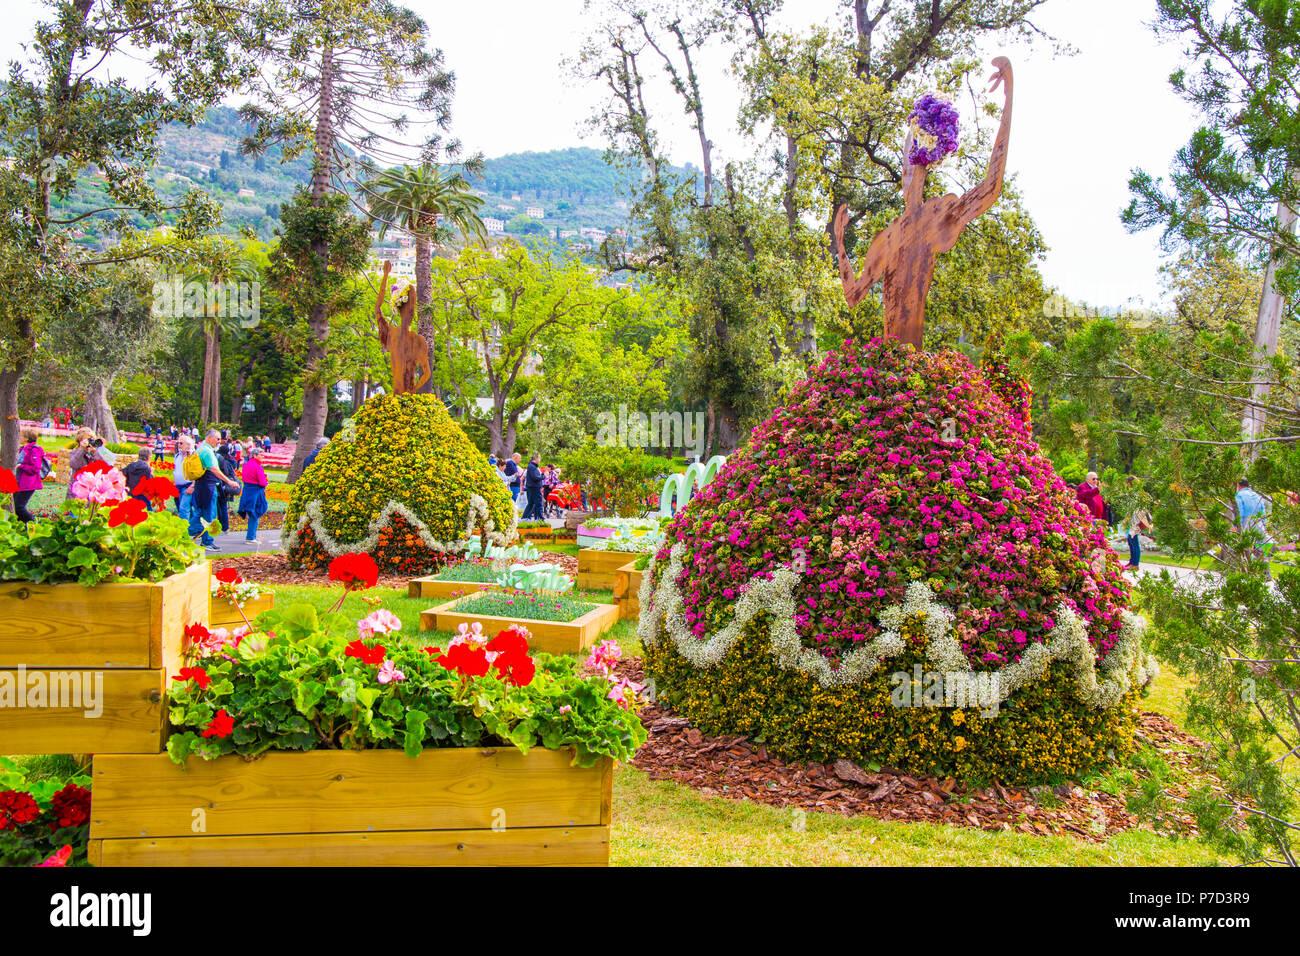 Genova italia 3 maggio 2018 fiori composizione durante for Fiori ornamentali